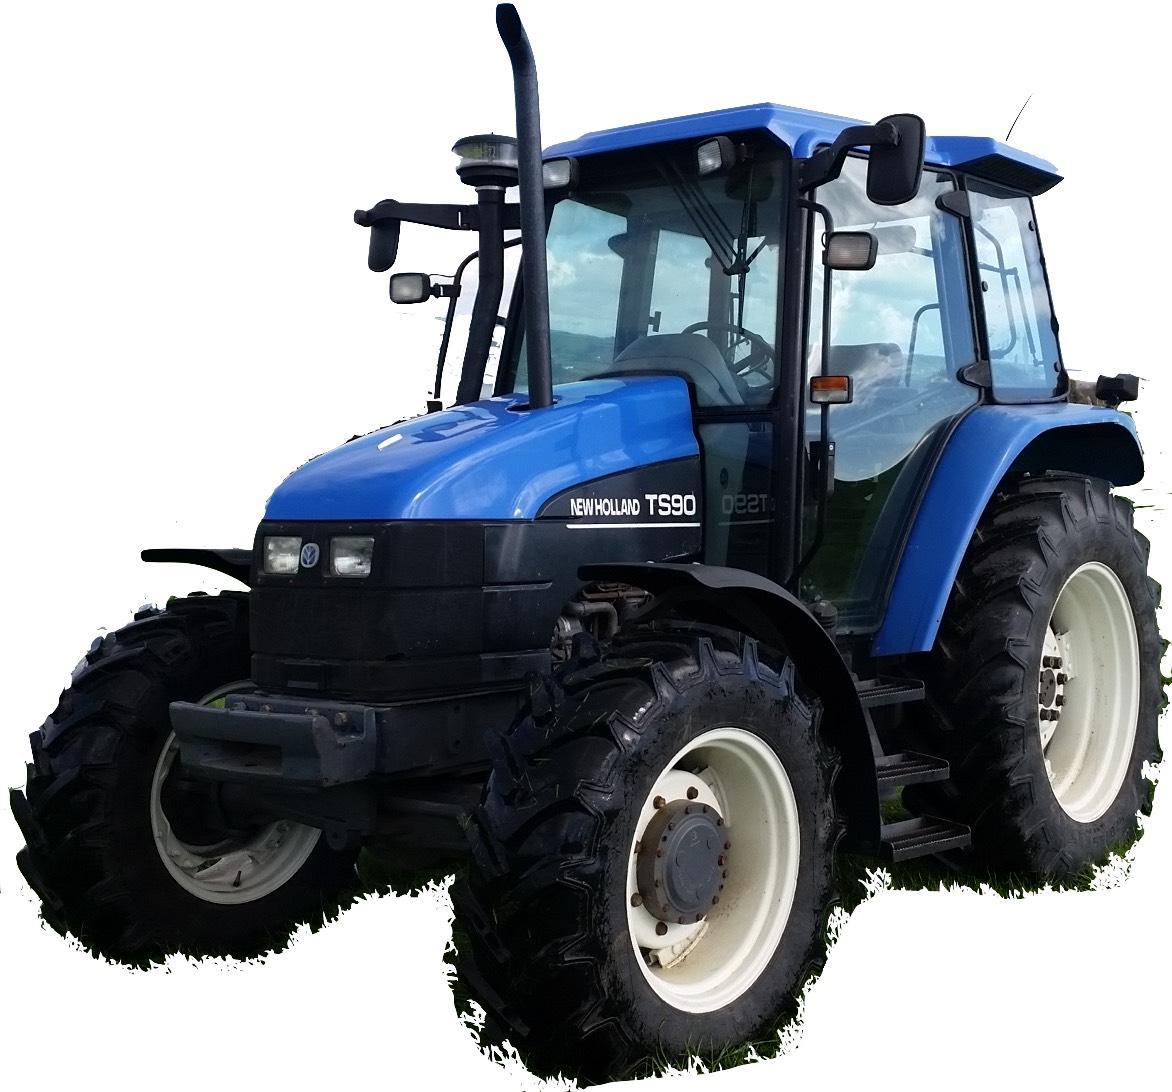 New Holland    Ford Ts90  Ts100  Ts110 Tractors Factory Service  U0026 Shop Manual